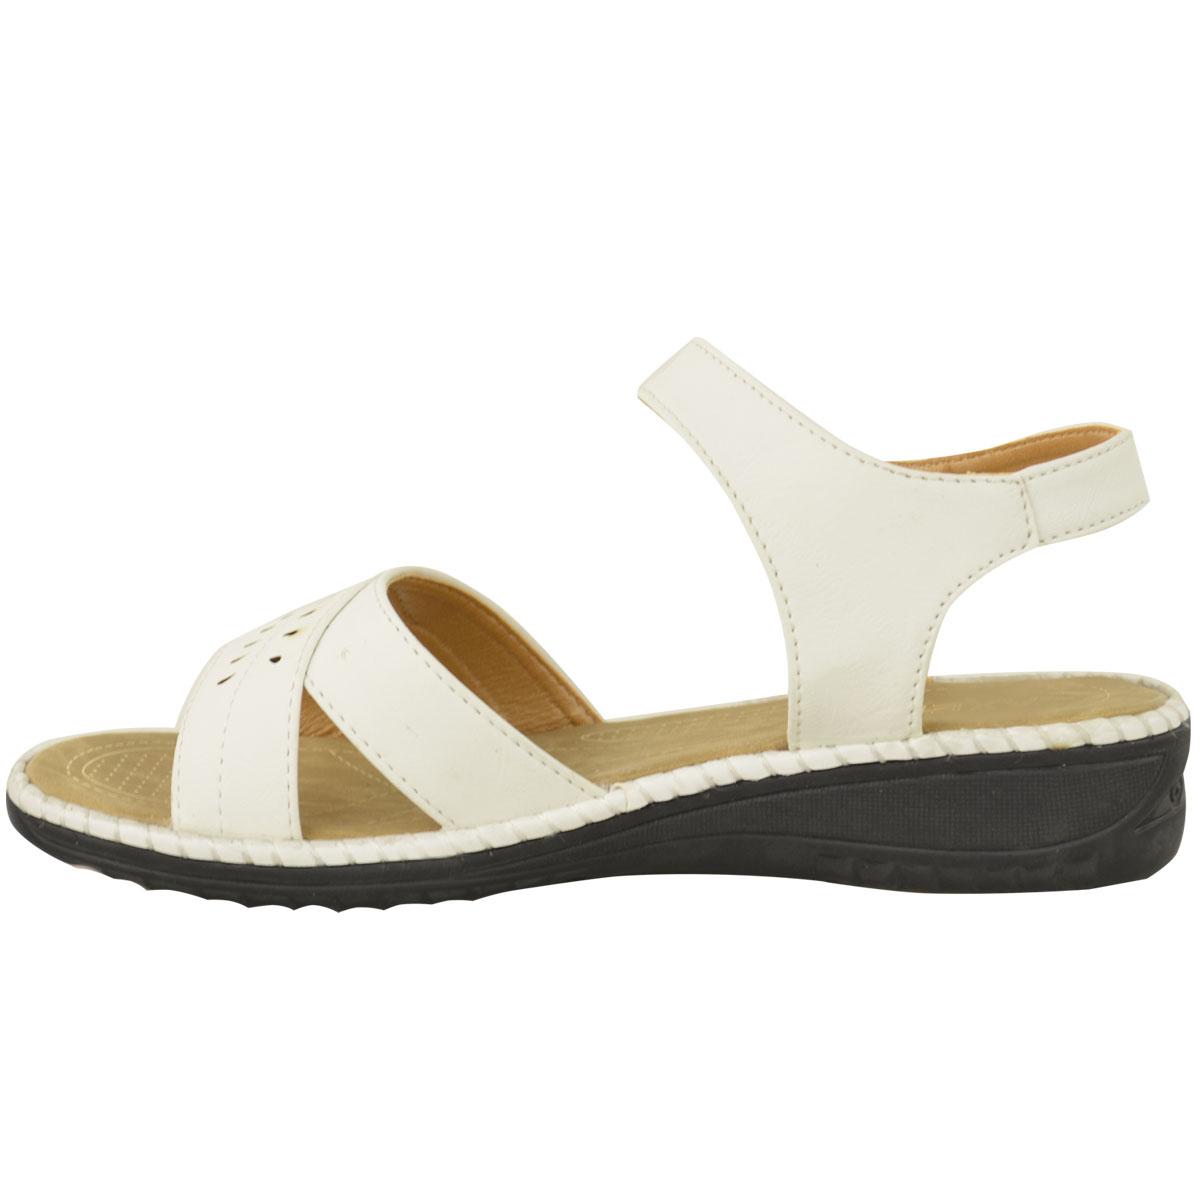 Ladies Womens Comfort Wide Casual Walking Flat Summer